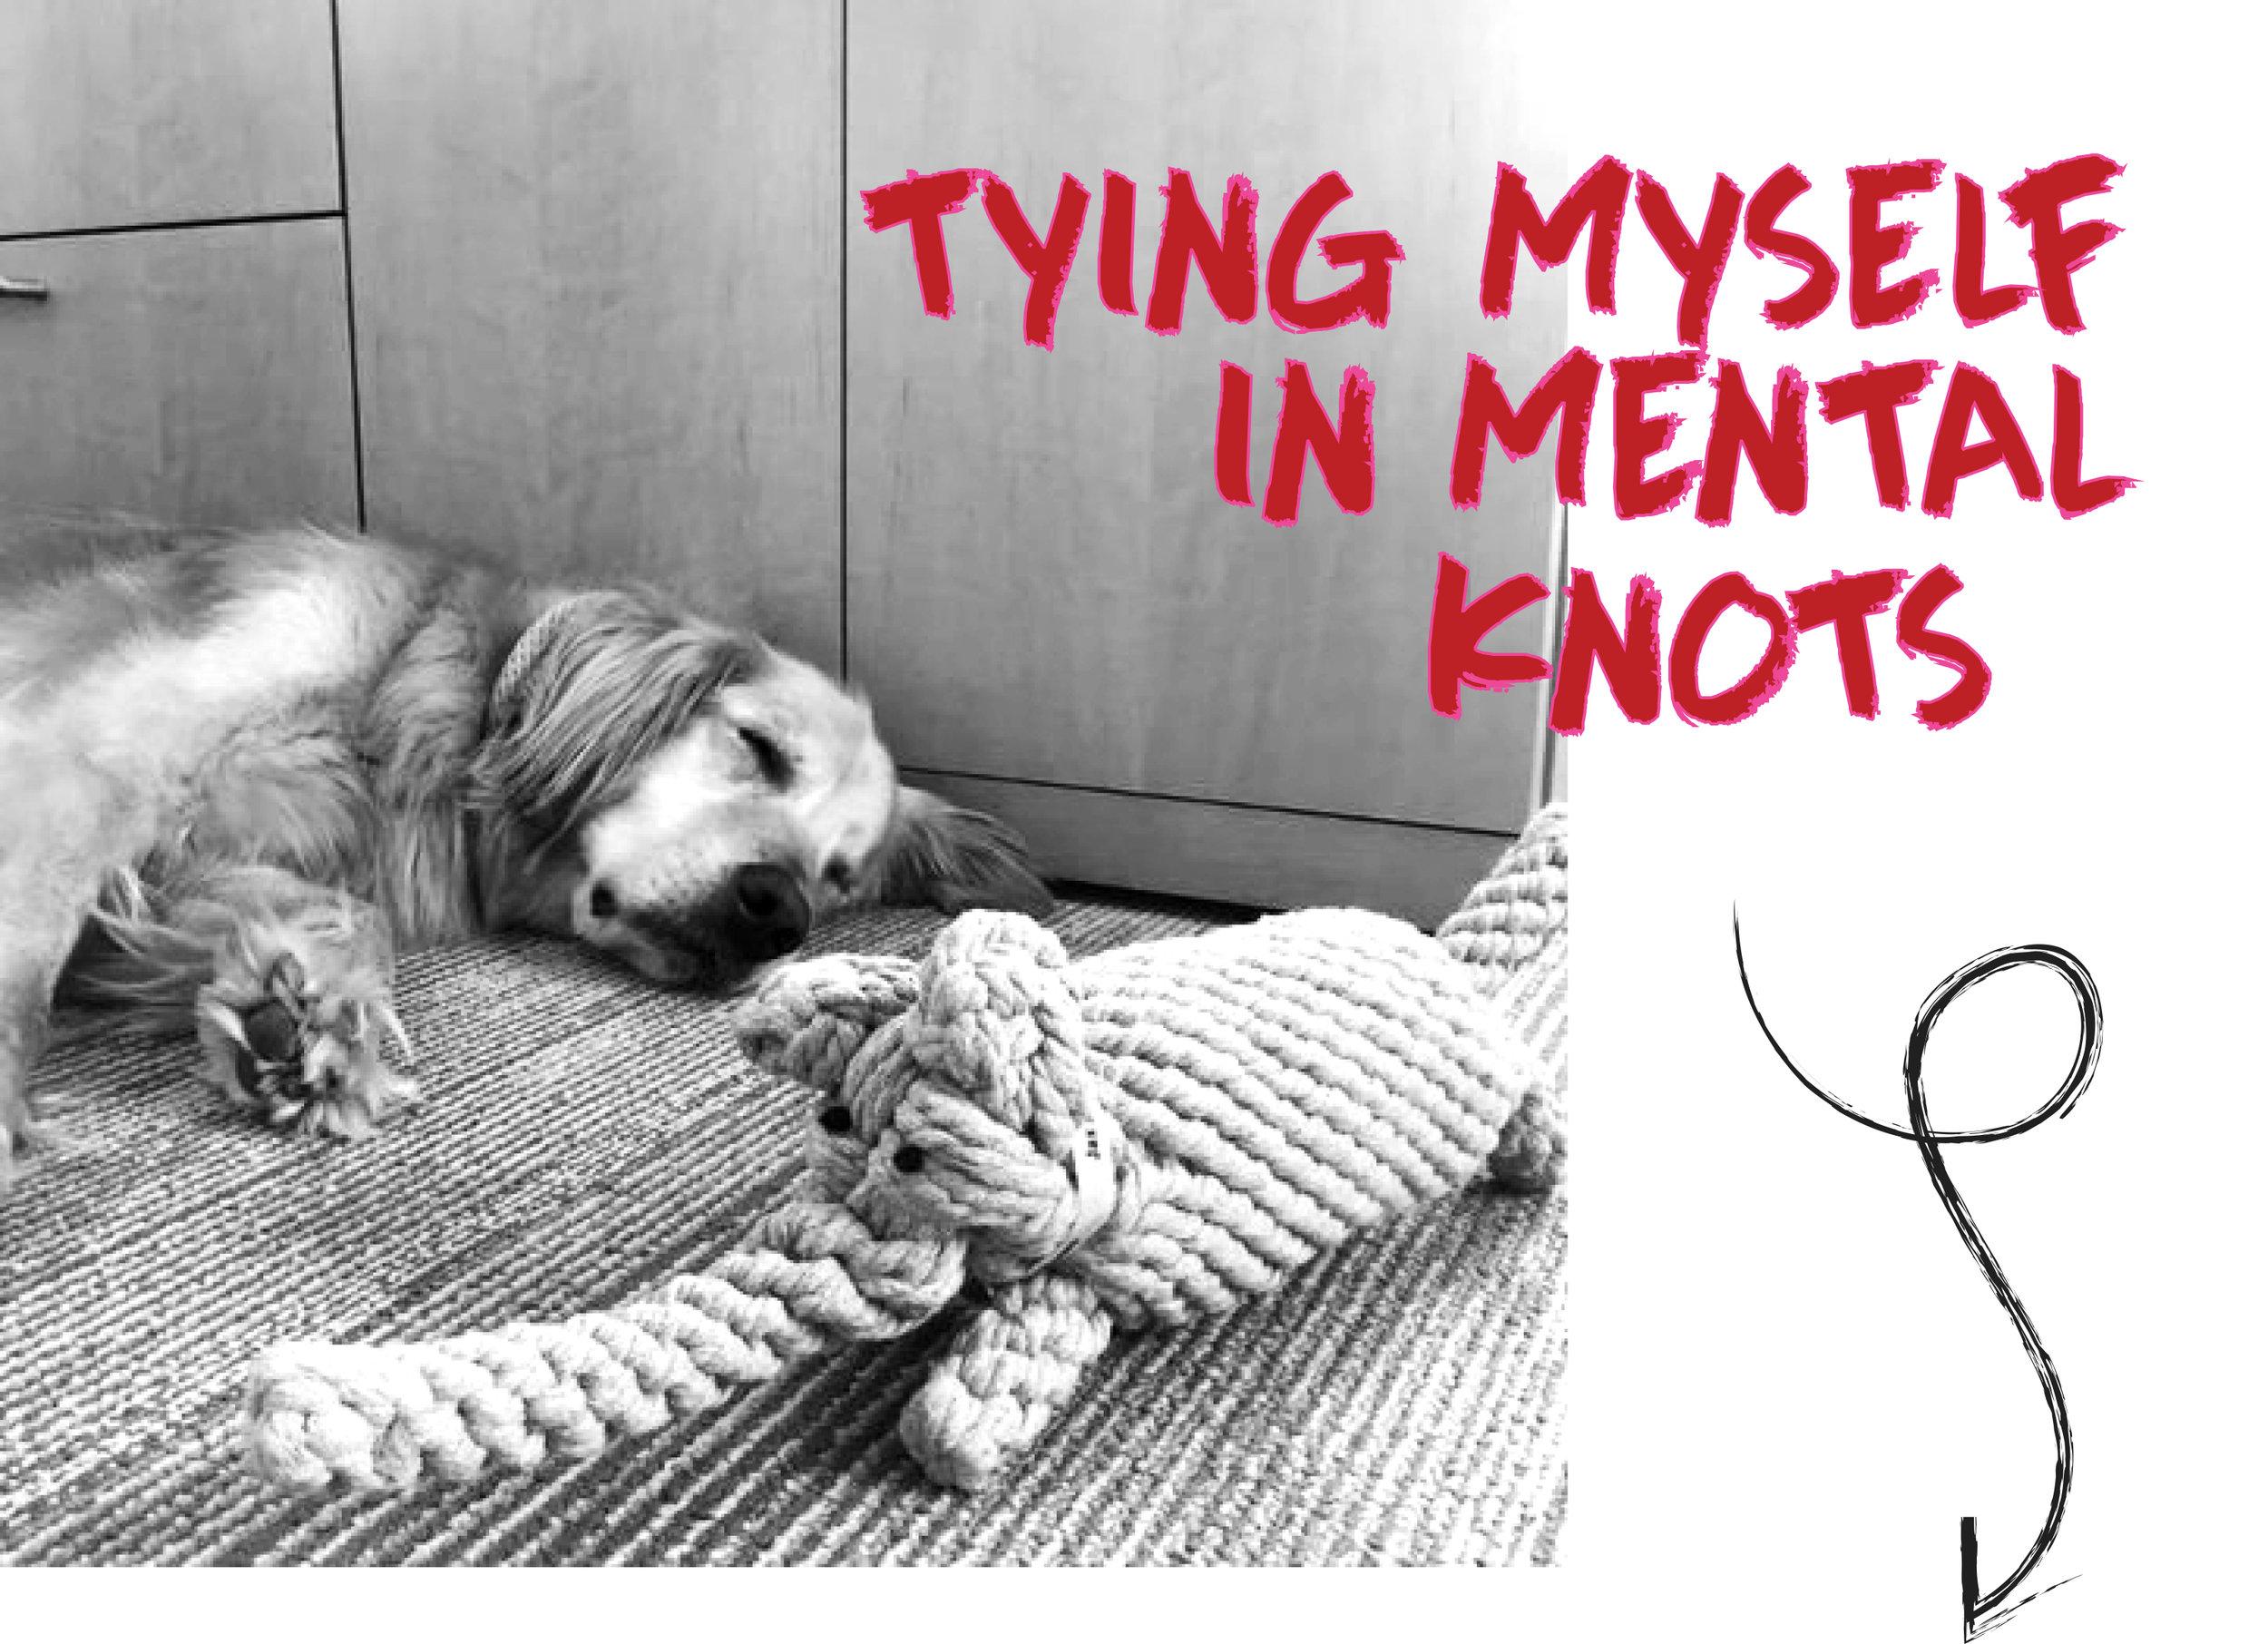 TYING MYSELF IN MENTAL KNOTS.jpg